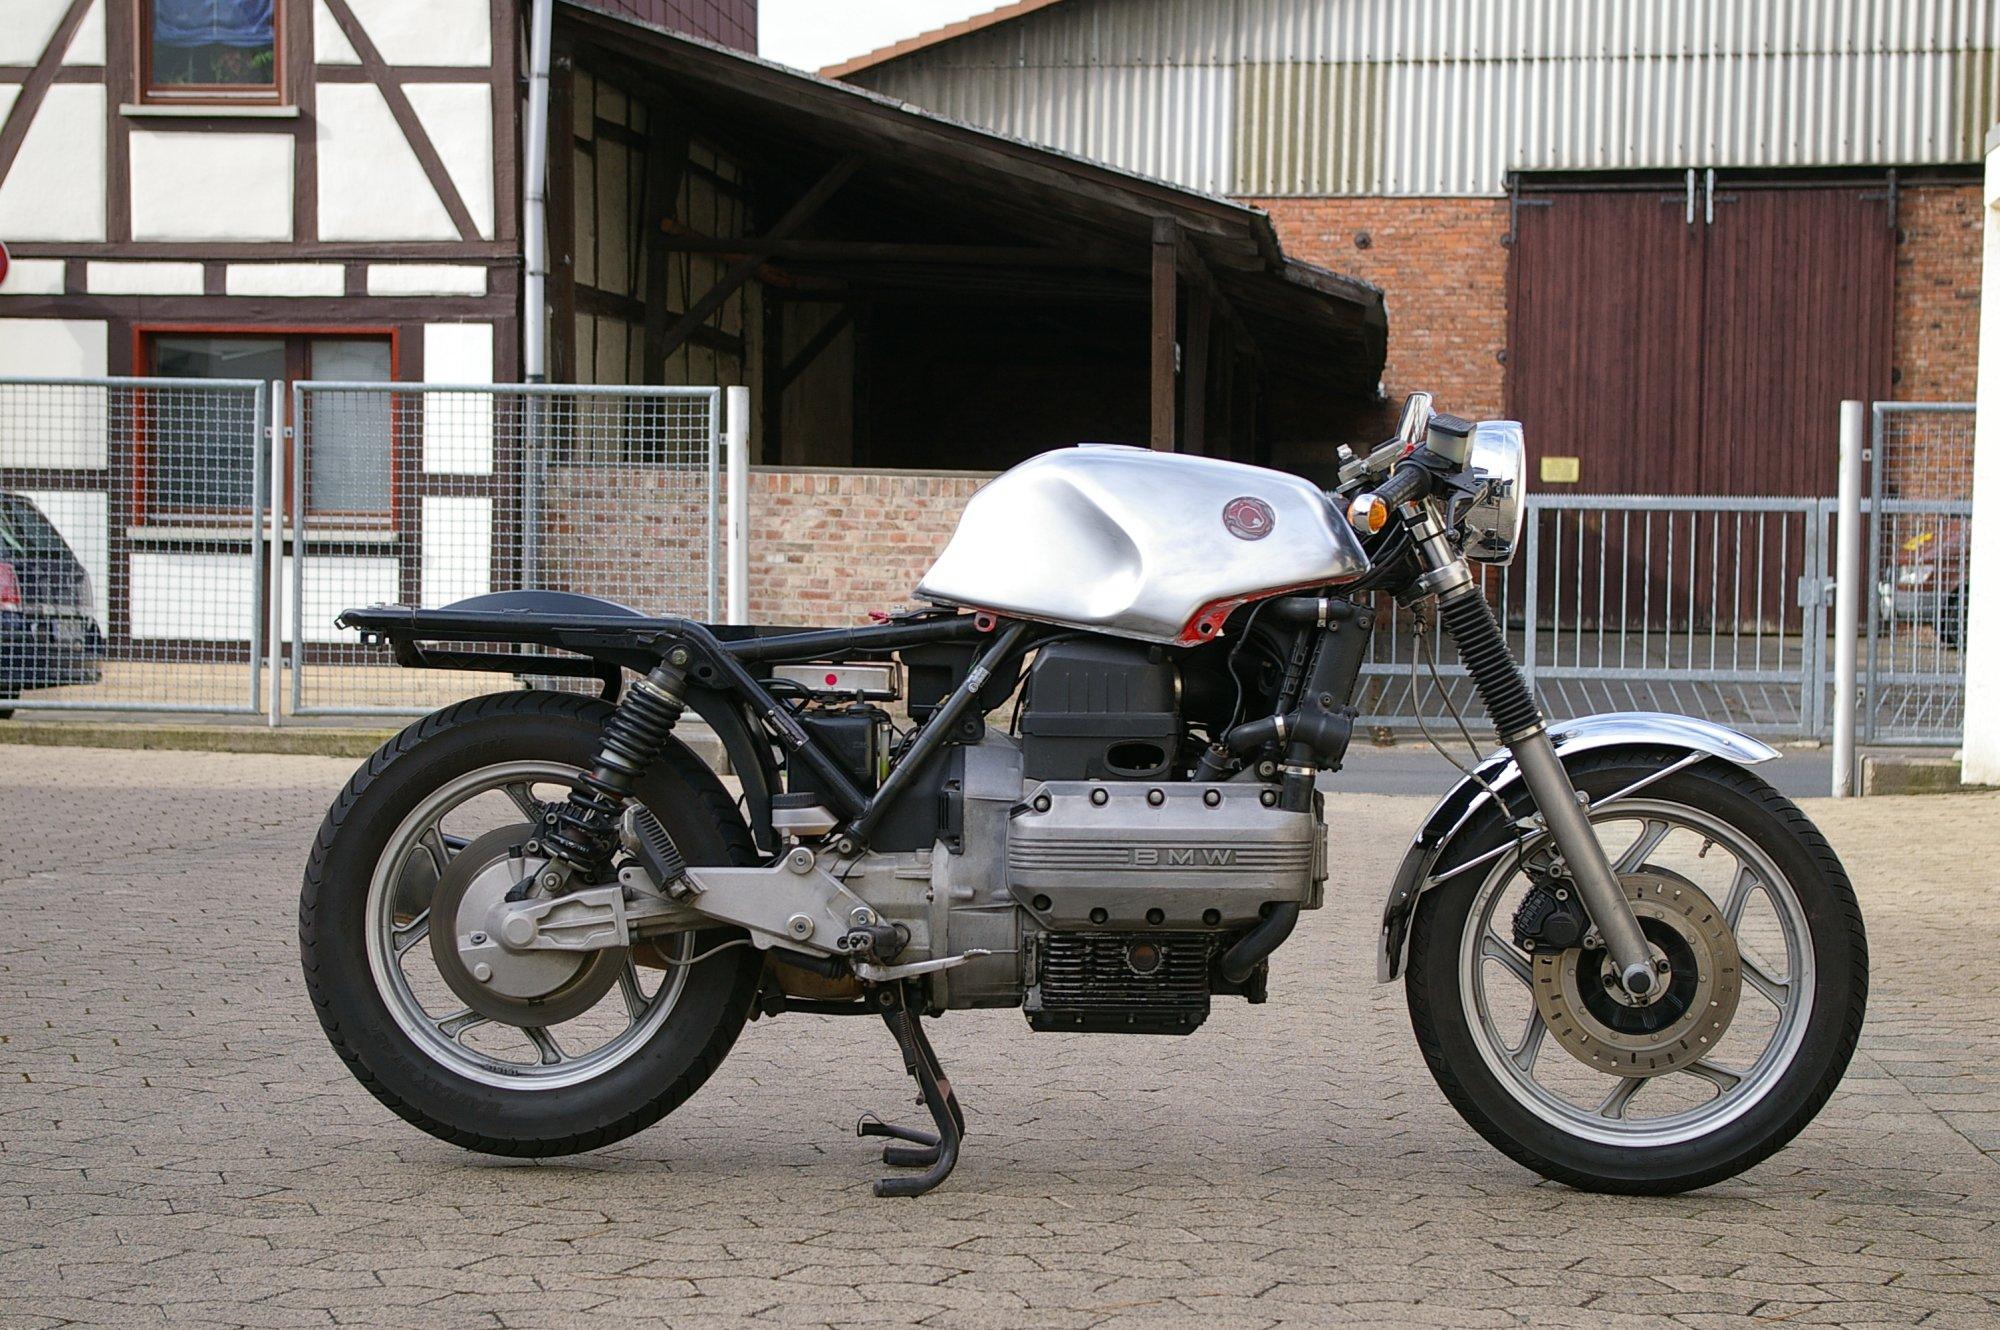 Kawasaki K Cafe Racer